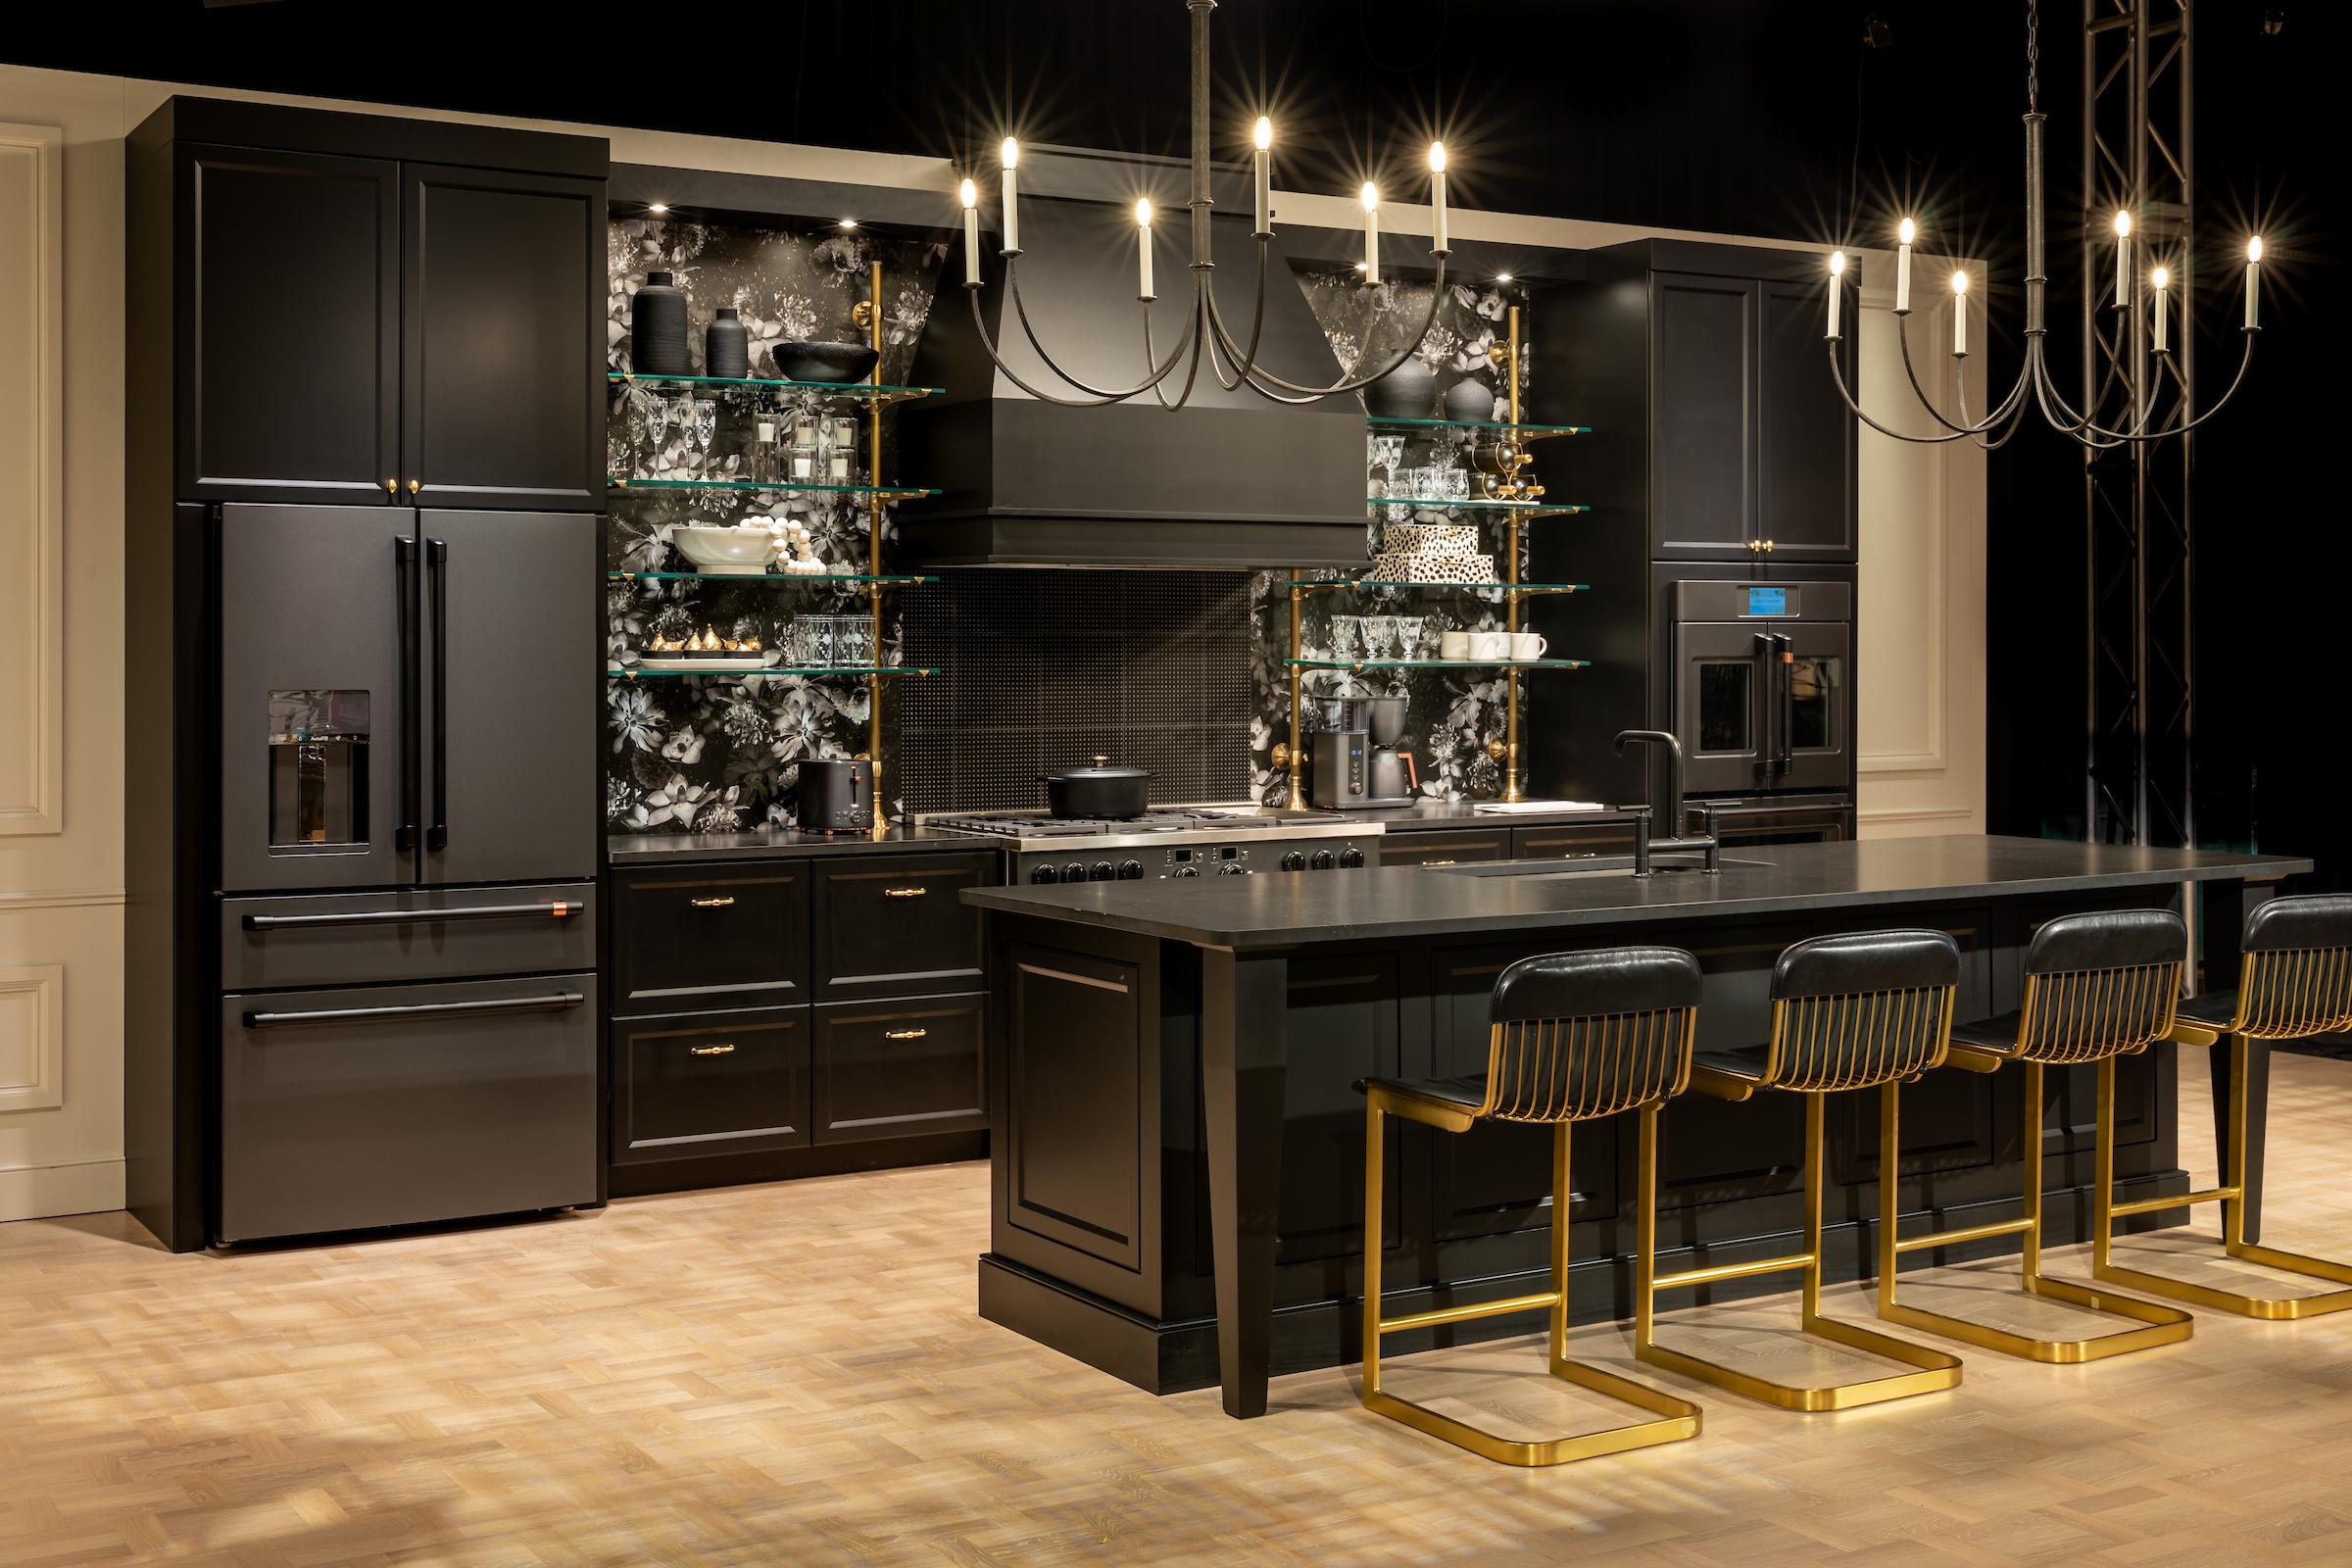 CAFE Midnight Luxe Kitchen KBIS 2021